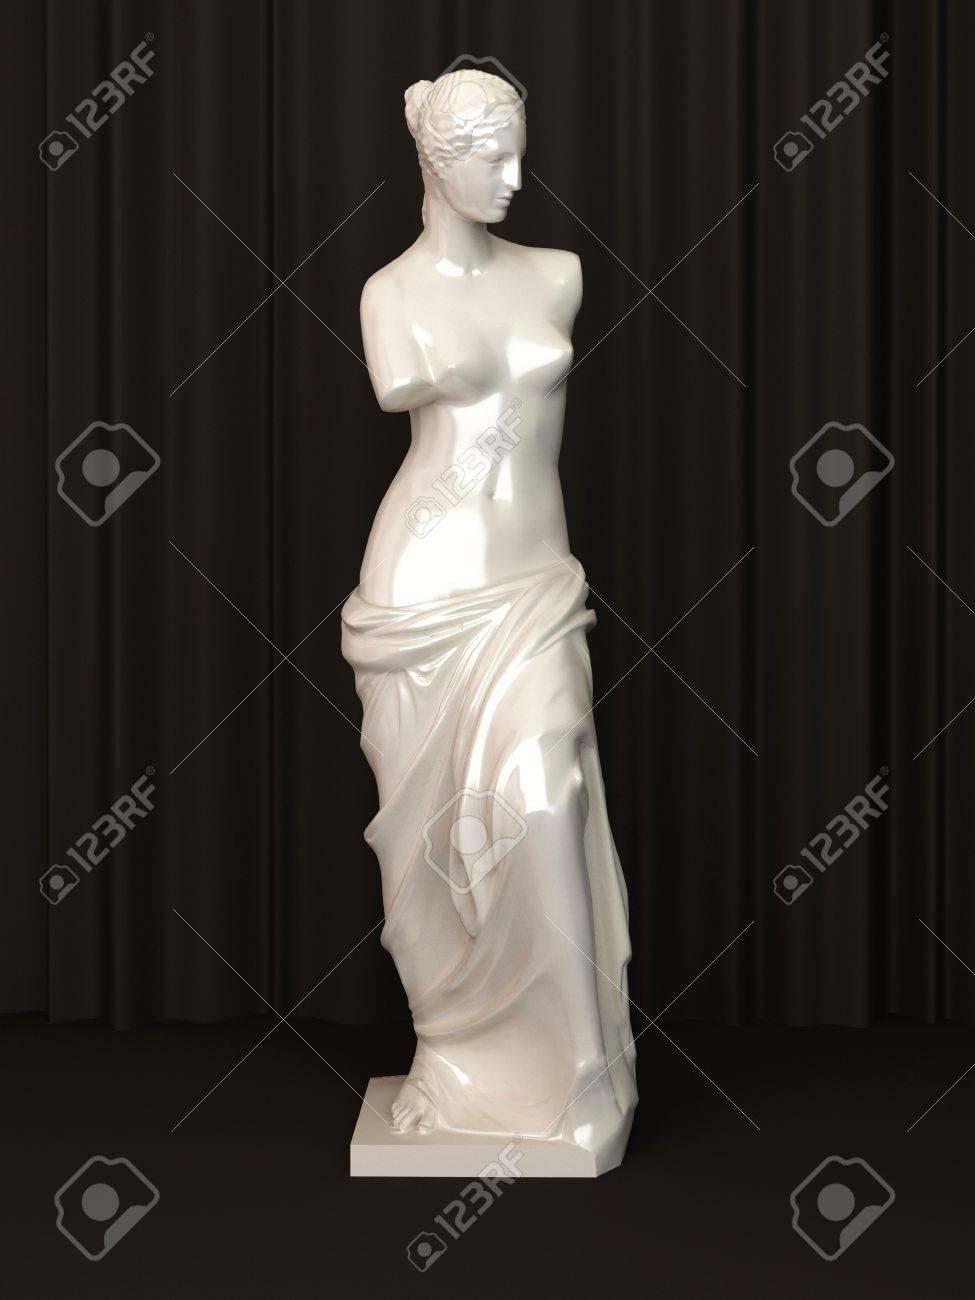 Antigua Estatua De Mármol De Una Venus Desnuda Sobre Fondo Oscuro